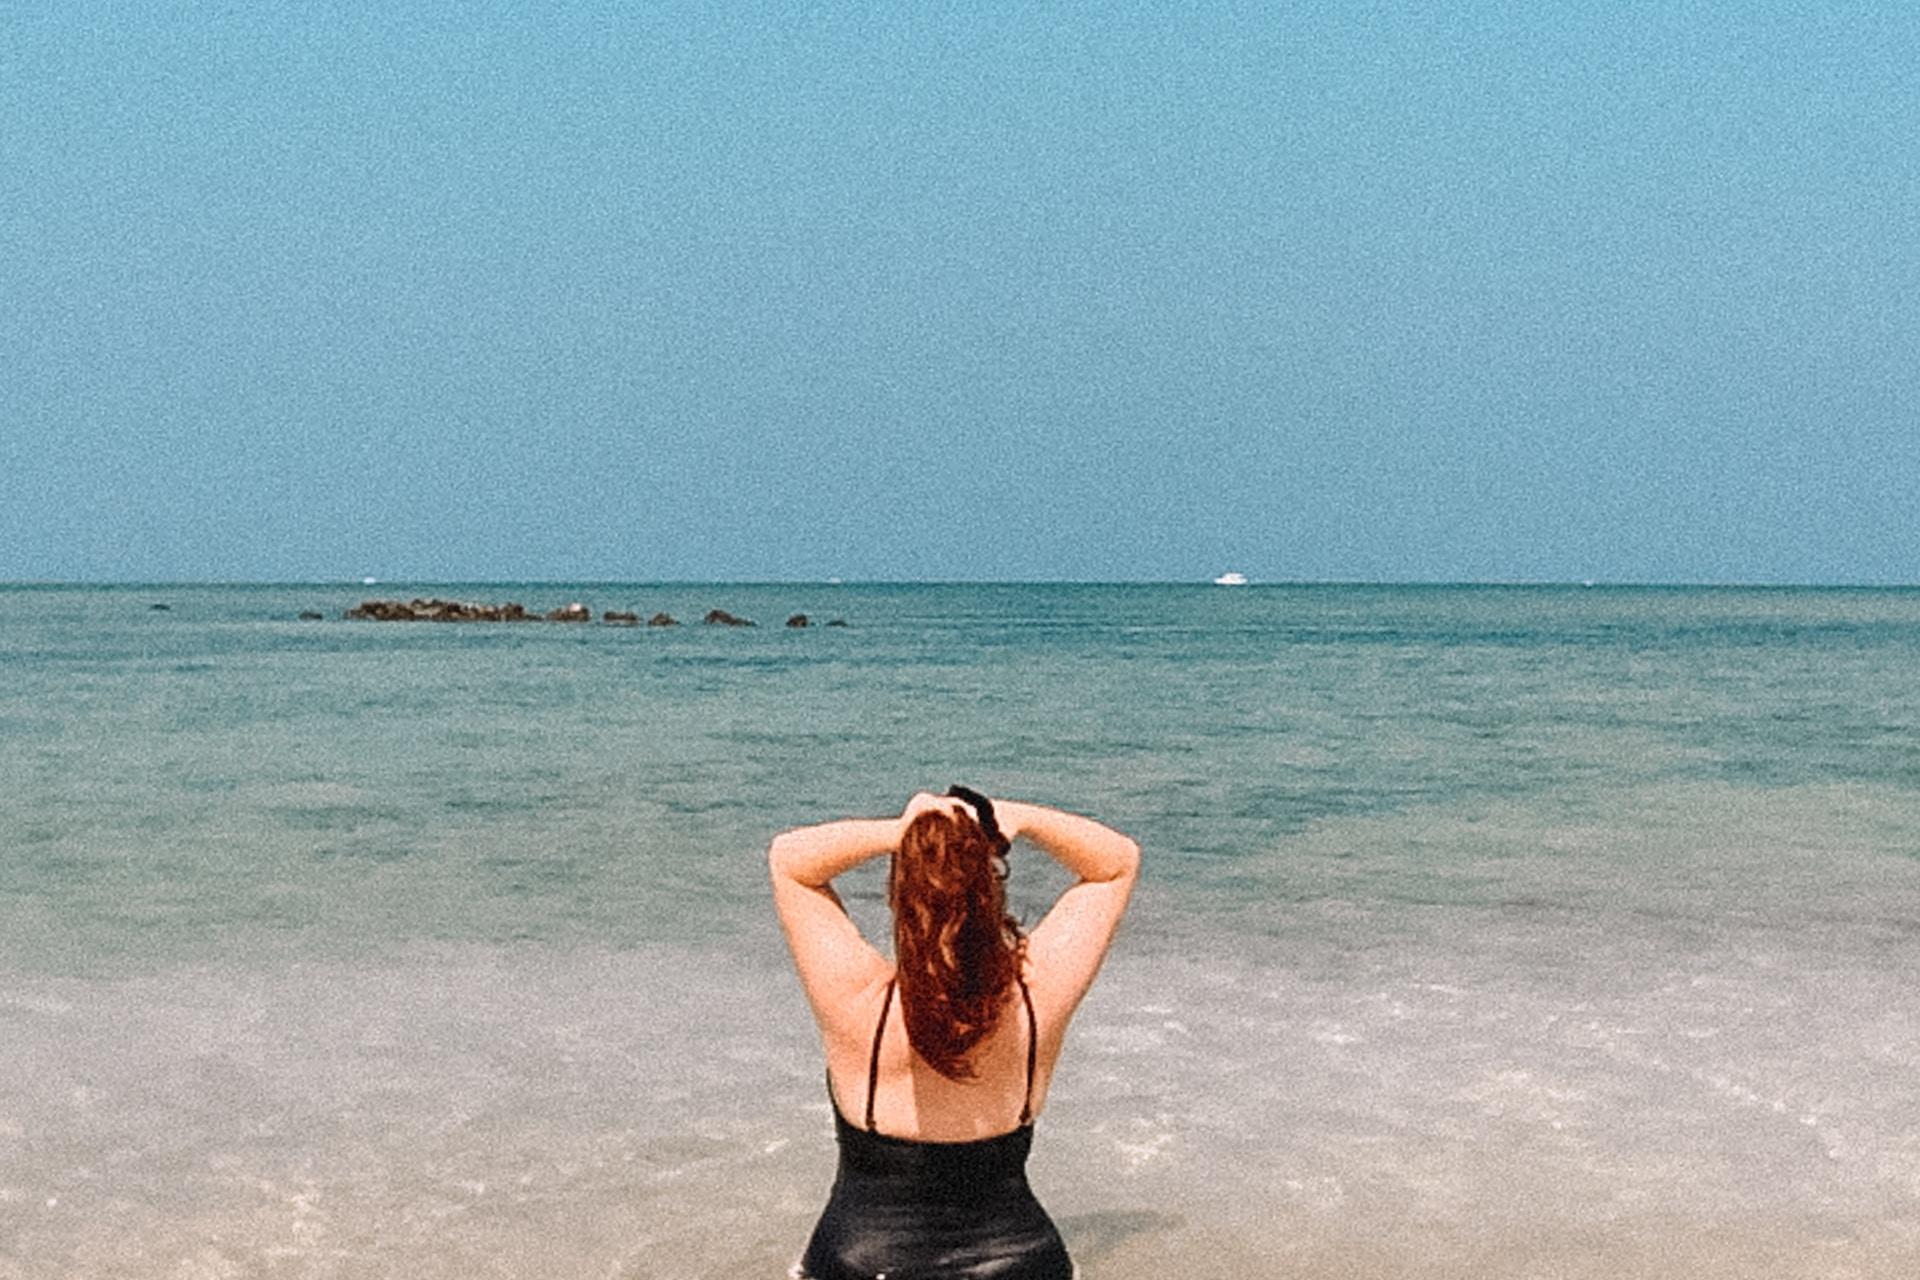 woman in black bikini lying on beach during daytime